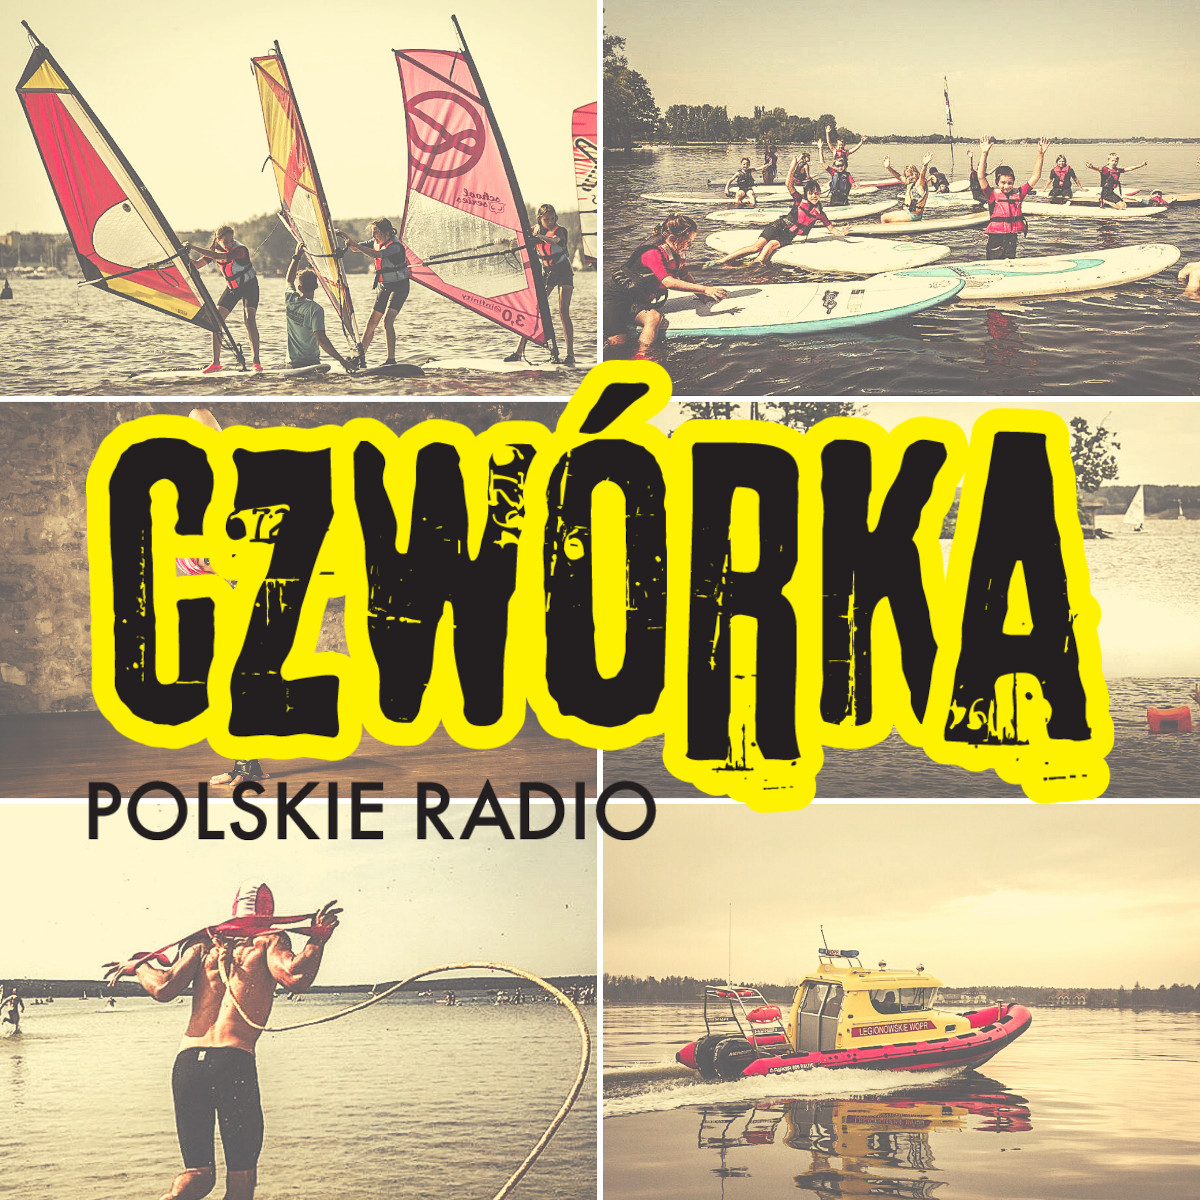 Czwórka nad Zegrzem/fot. mat. pras/Czwórka